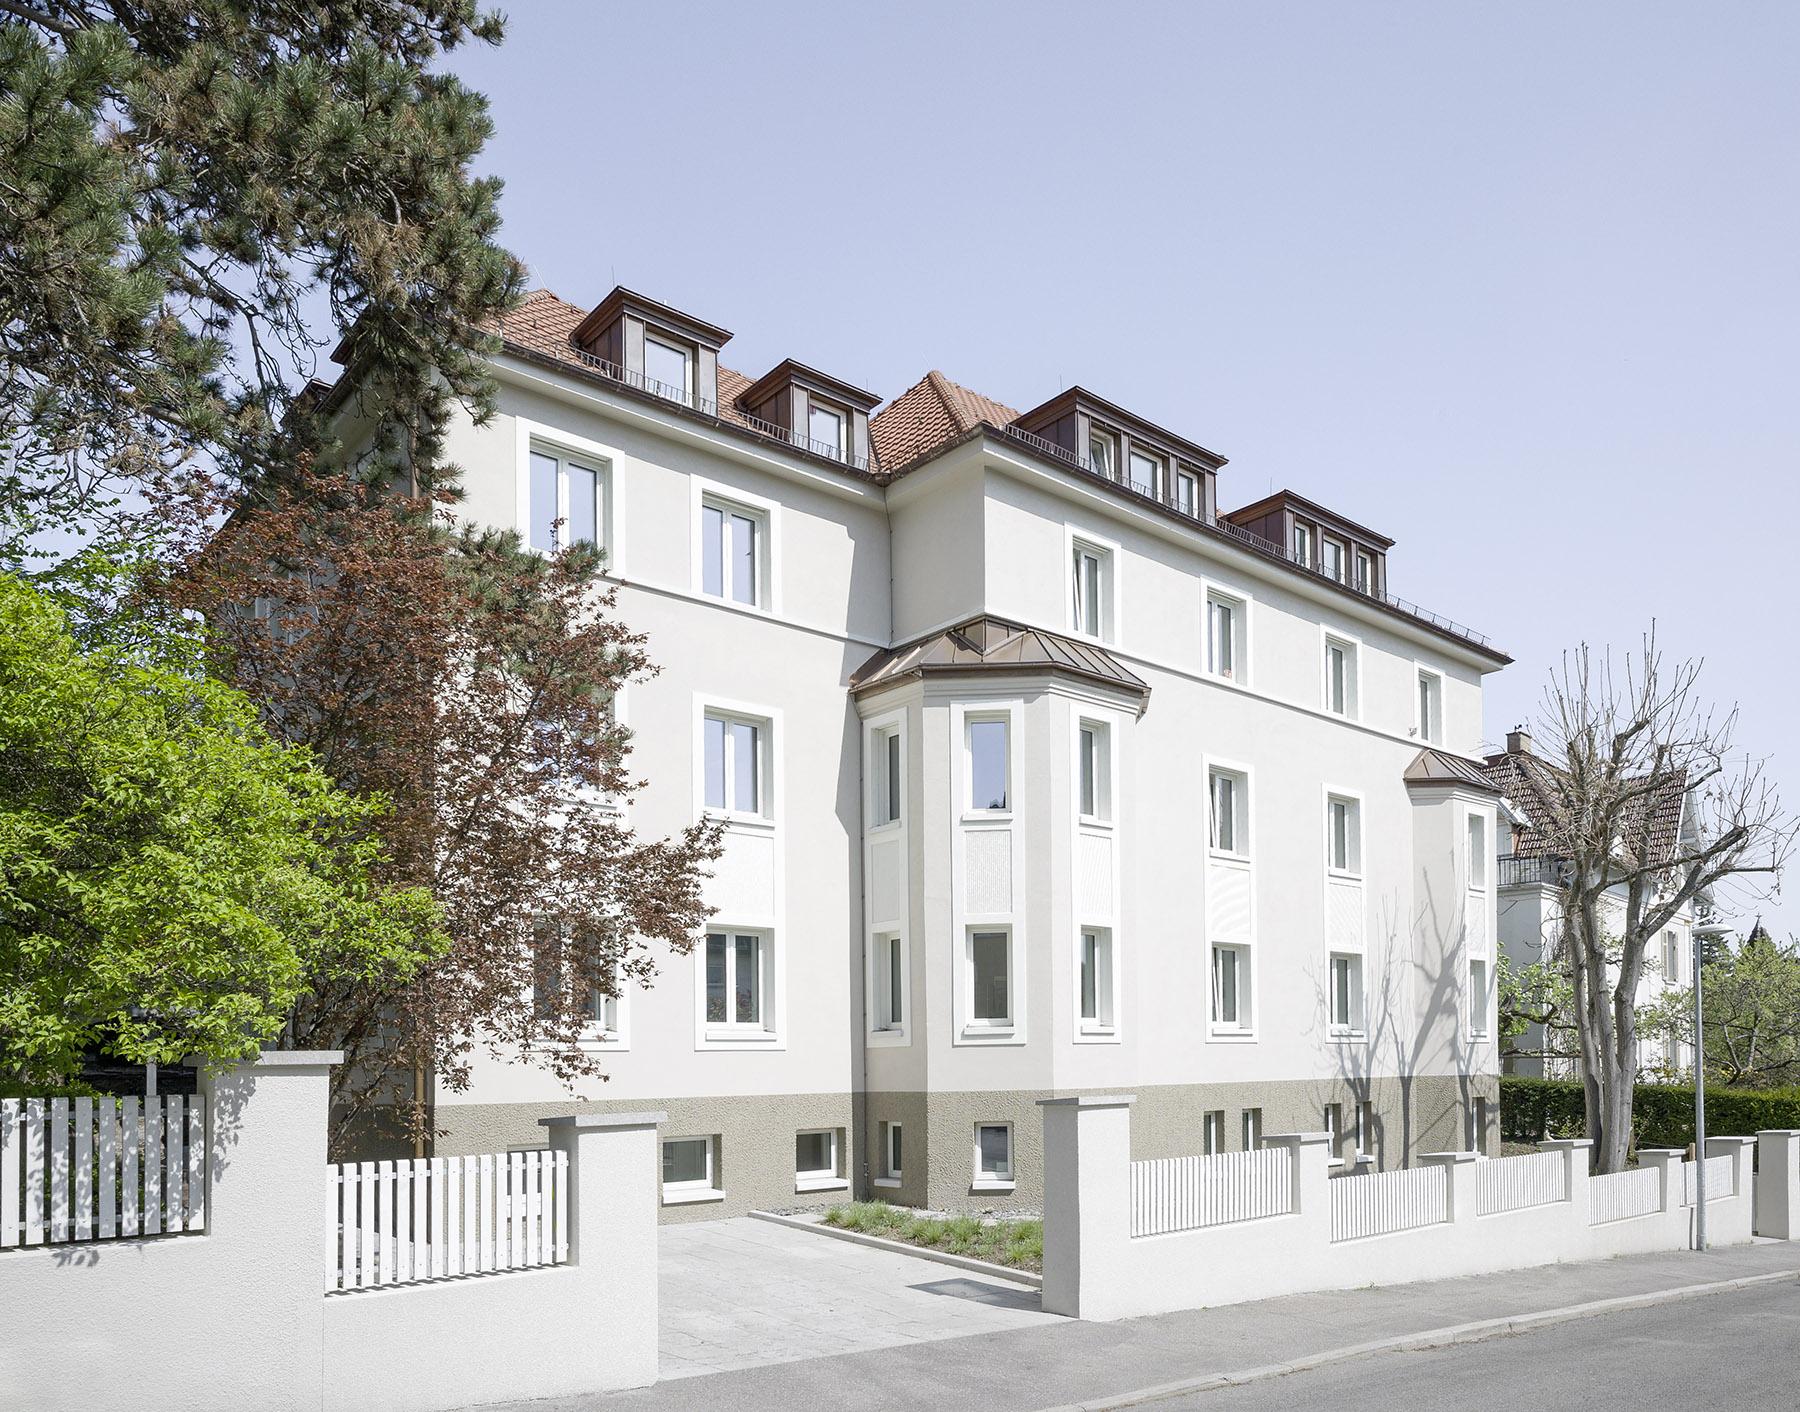 kaestle&ocker - Staatsministerium Schönleinstraße